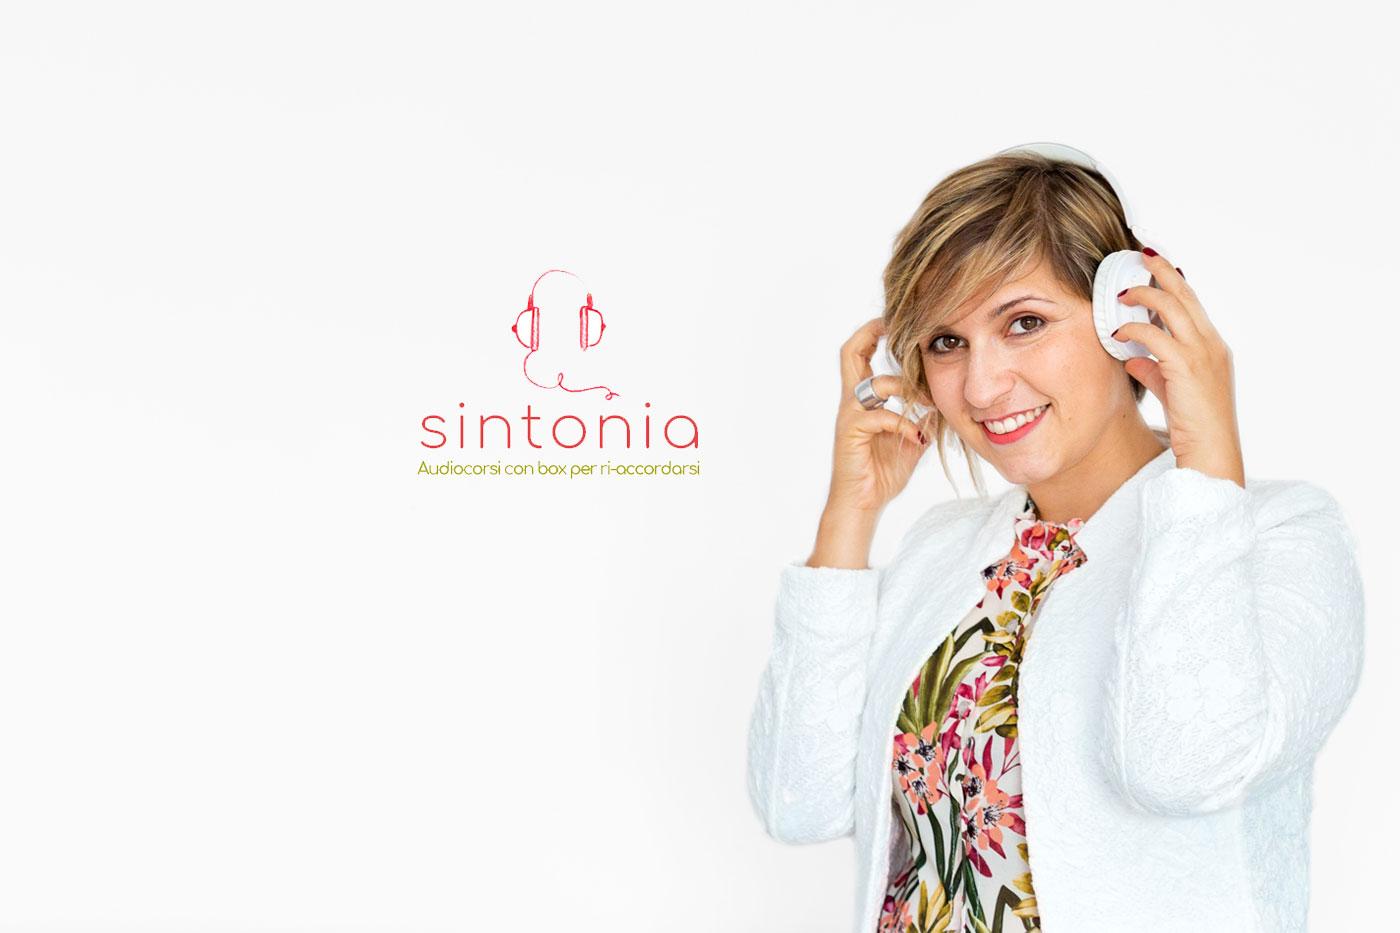 Sintonia, audicorsi con box di Claudia Mandarà